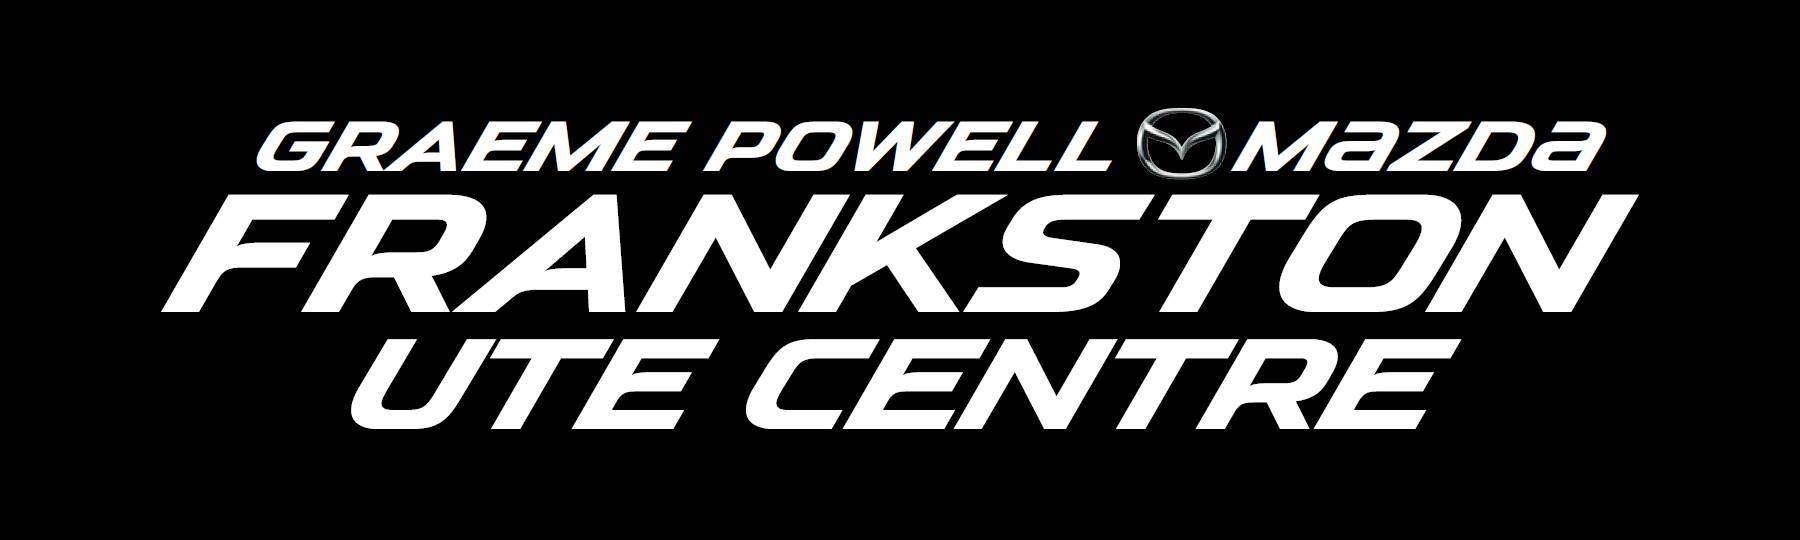 Graeme Powell Mazda - Frankston Ute Centre